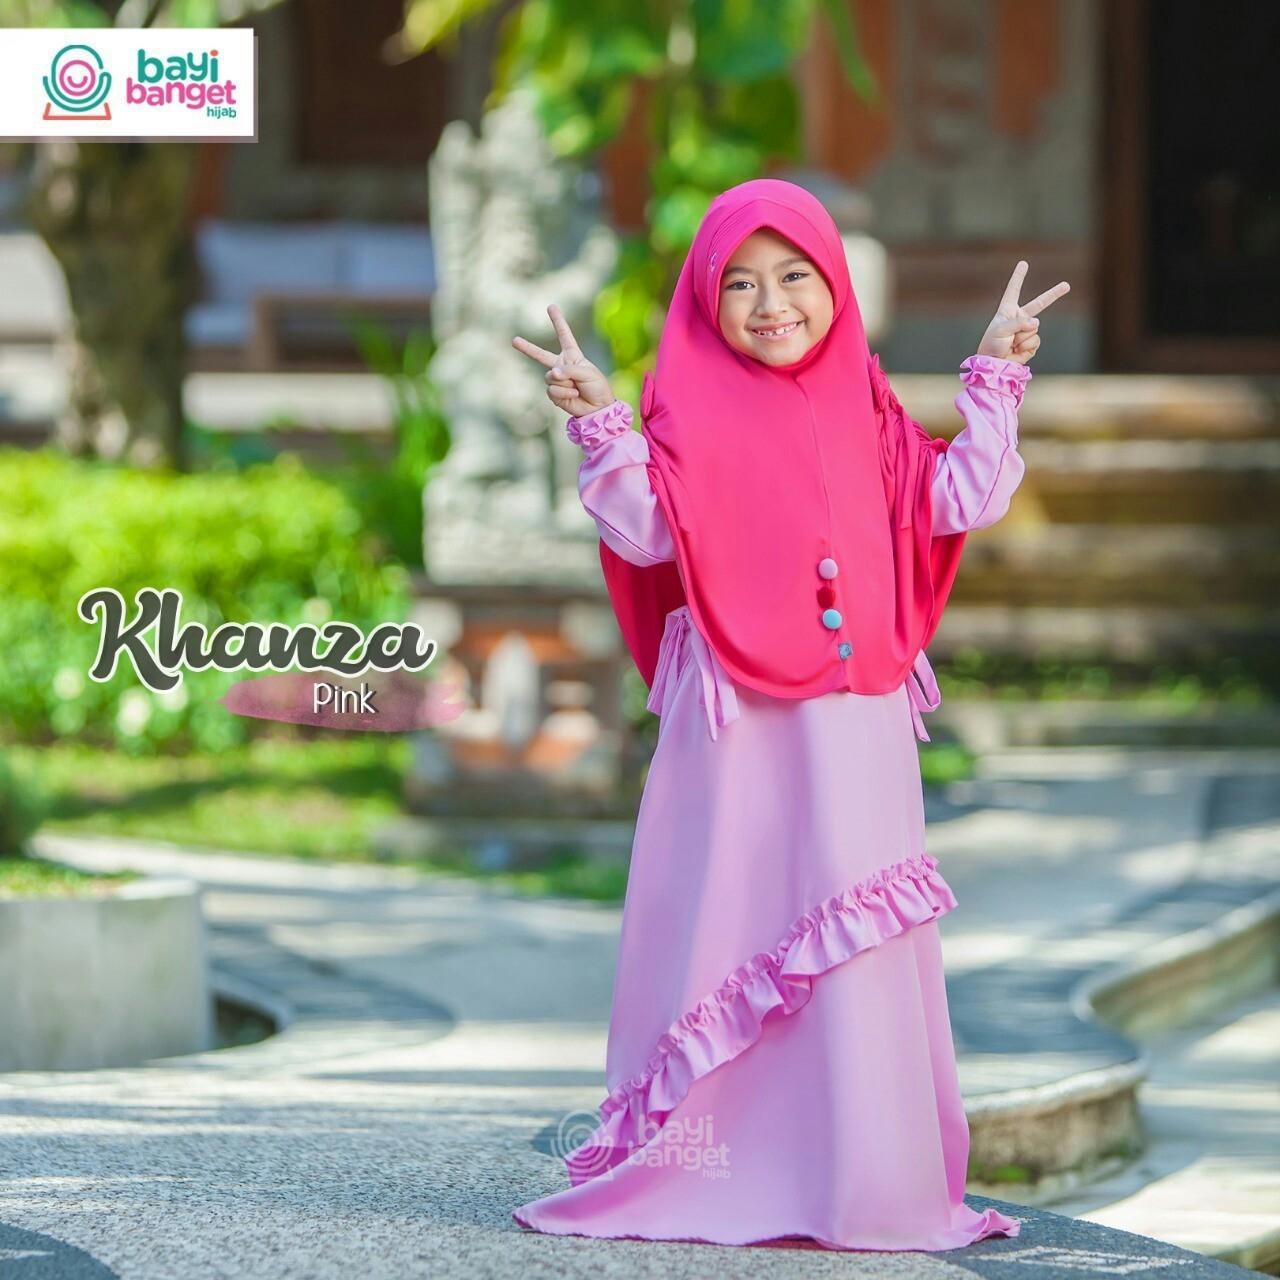 Fairuz Hjab, TERCANTIK ! Baju Gamis Anak Perempuan, Gamis Anak Terbaru, Gamis Anak Branded, Gamis Anak Muslimah, Baju Muslim Anak Cewek, Baju Muslim Anak Lucu, Baju Muslim Anak Syari, Kanza Series Warna Pink ( Merah Muda ) Untuk Anak Umur 4 - 12 Tahun